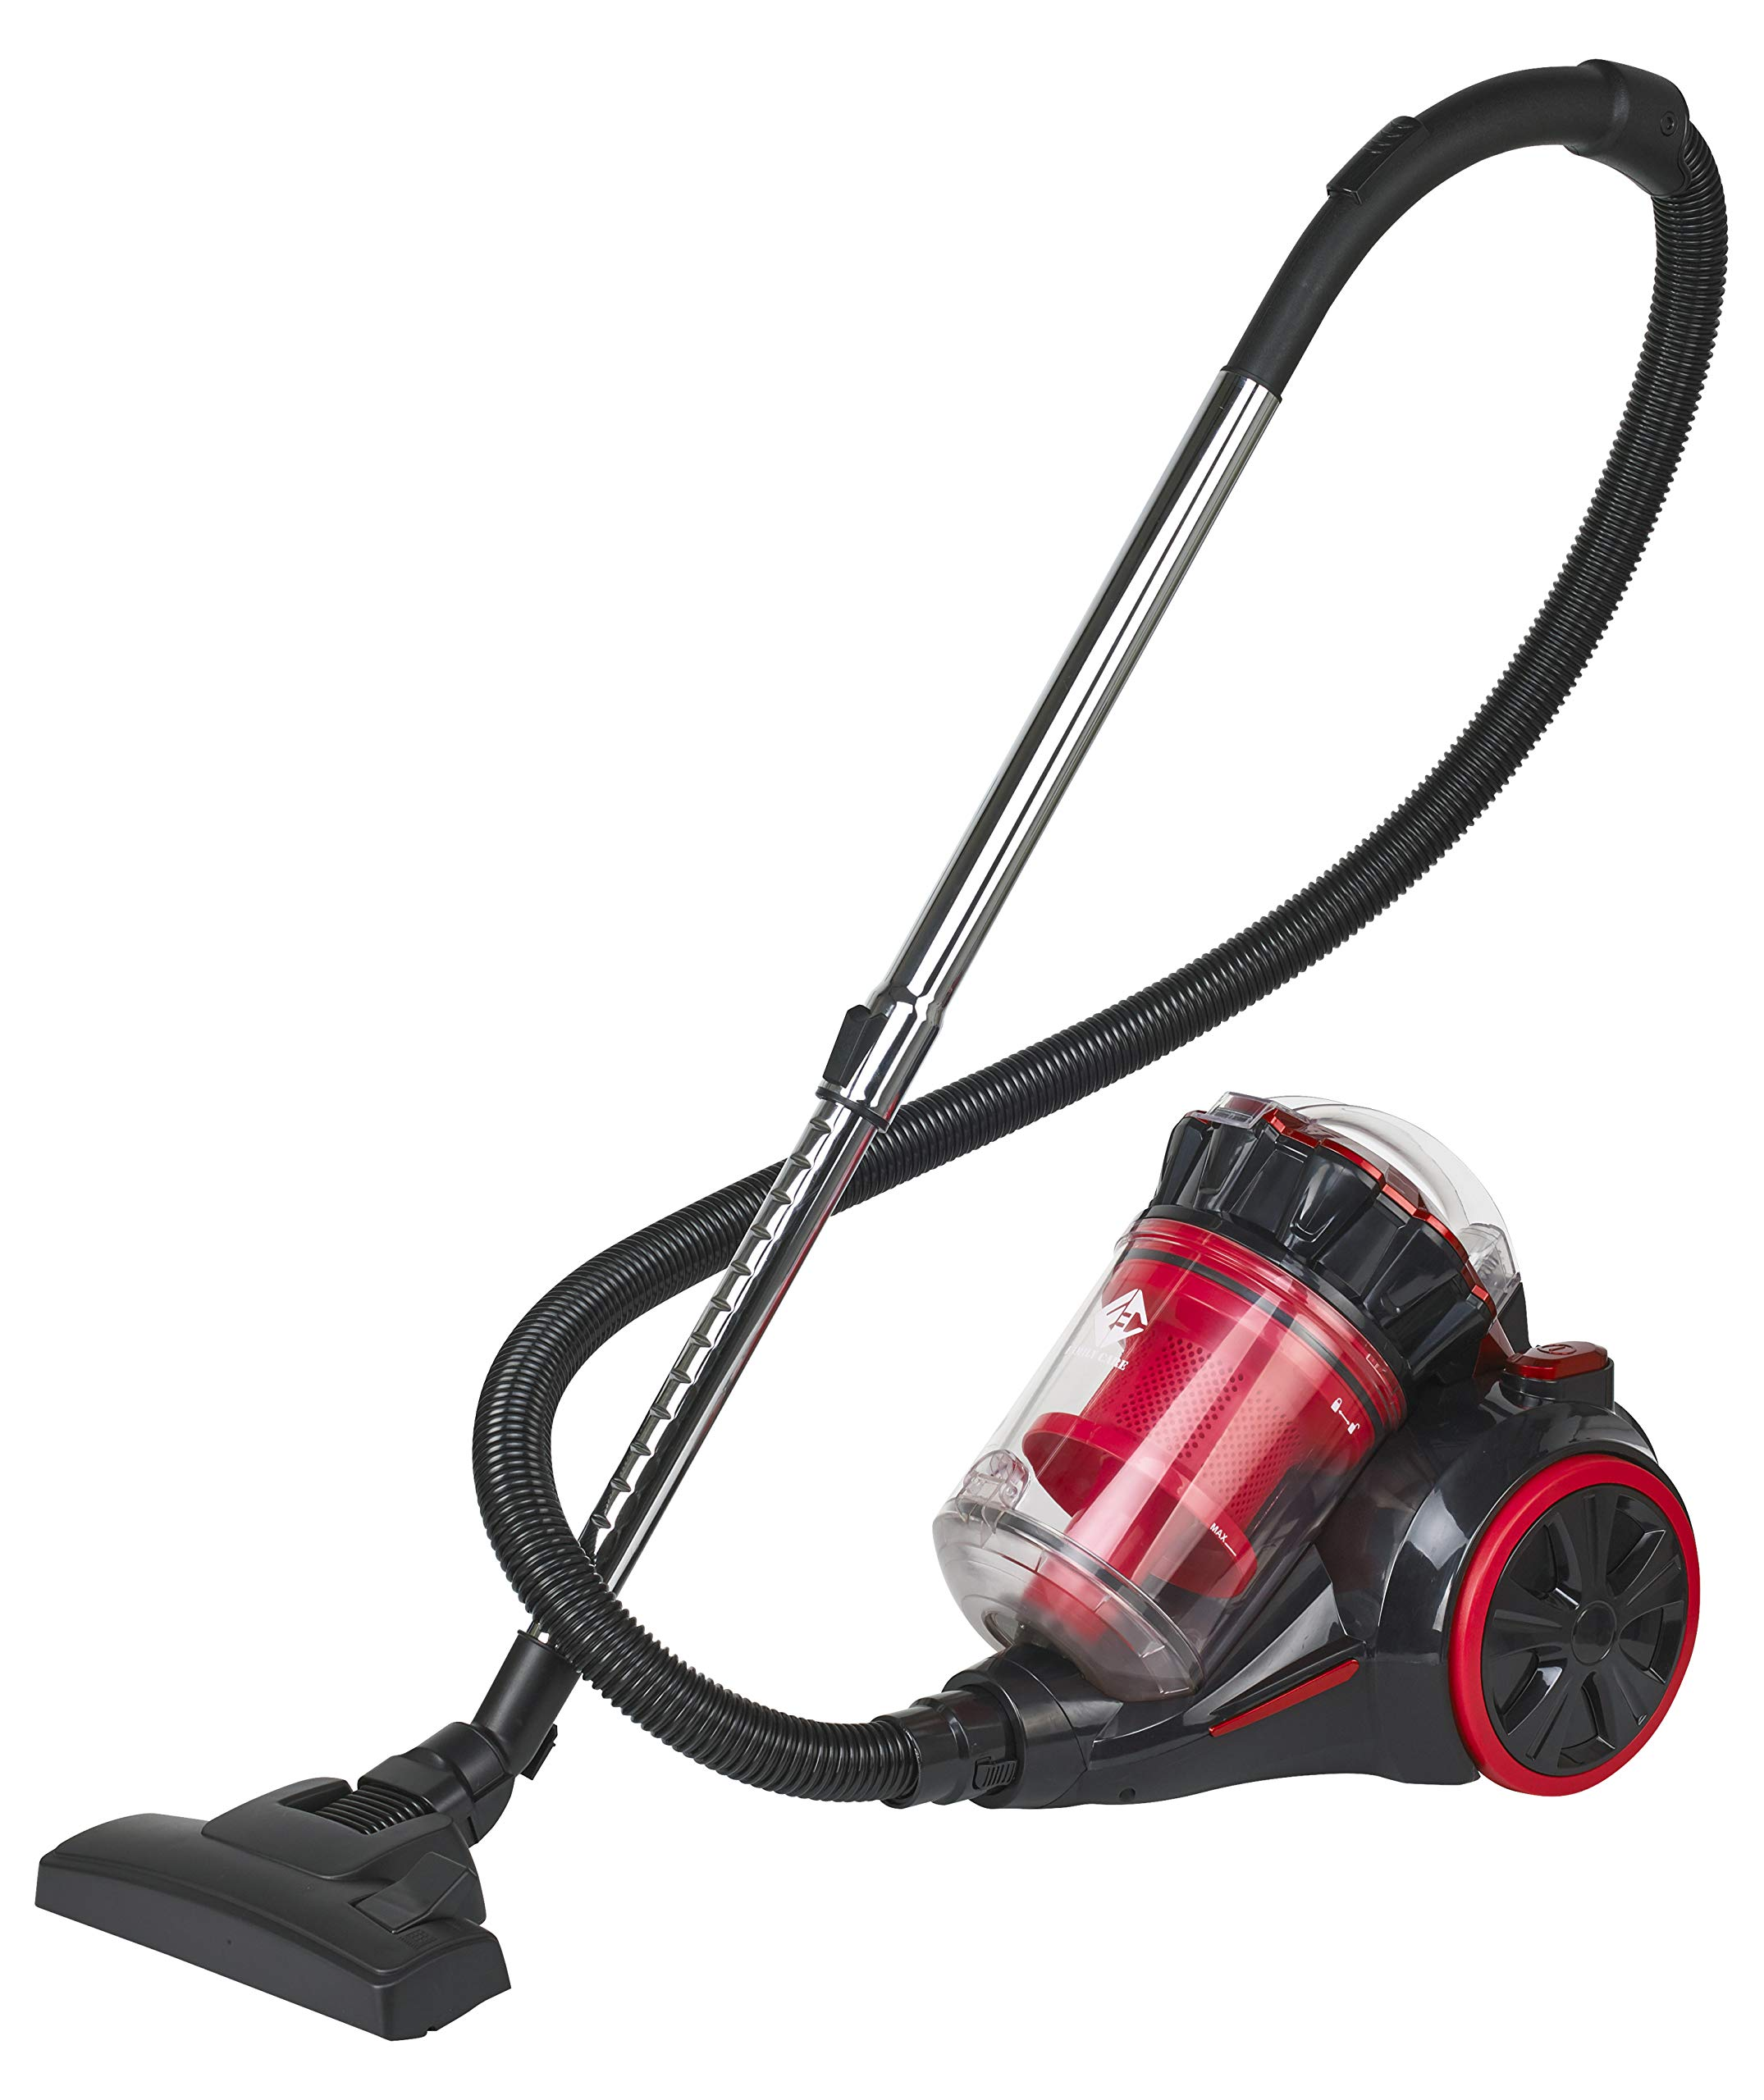 Family Care Aspirador ciclónico sin bolsa, depósito 3L, 700W, filtro HEPA hipoalergénico, Eficiencia energética A+++, color rojo-negro: Amazon.es: Hogar